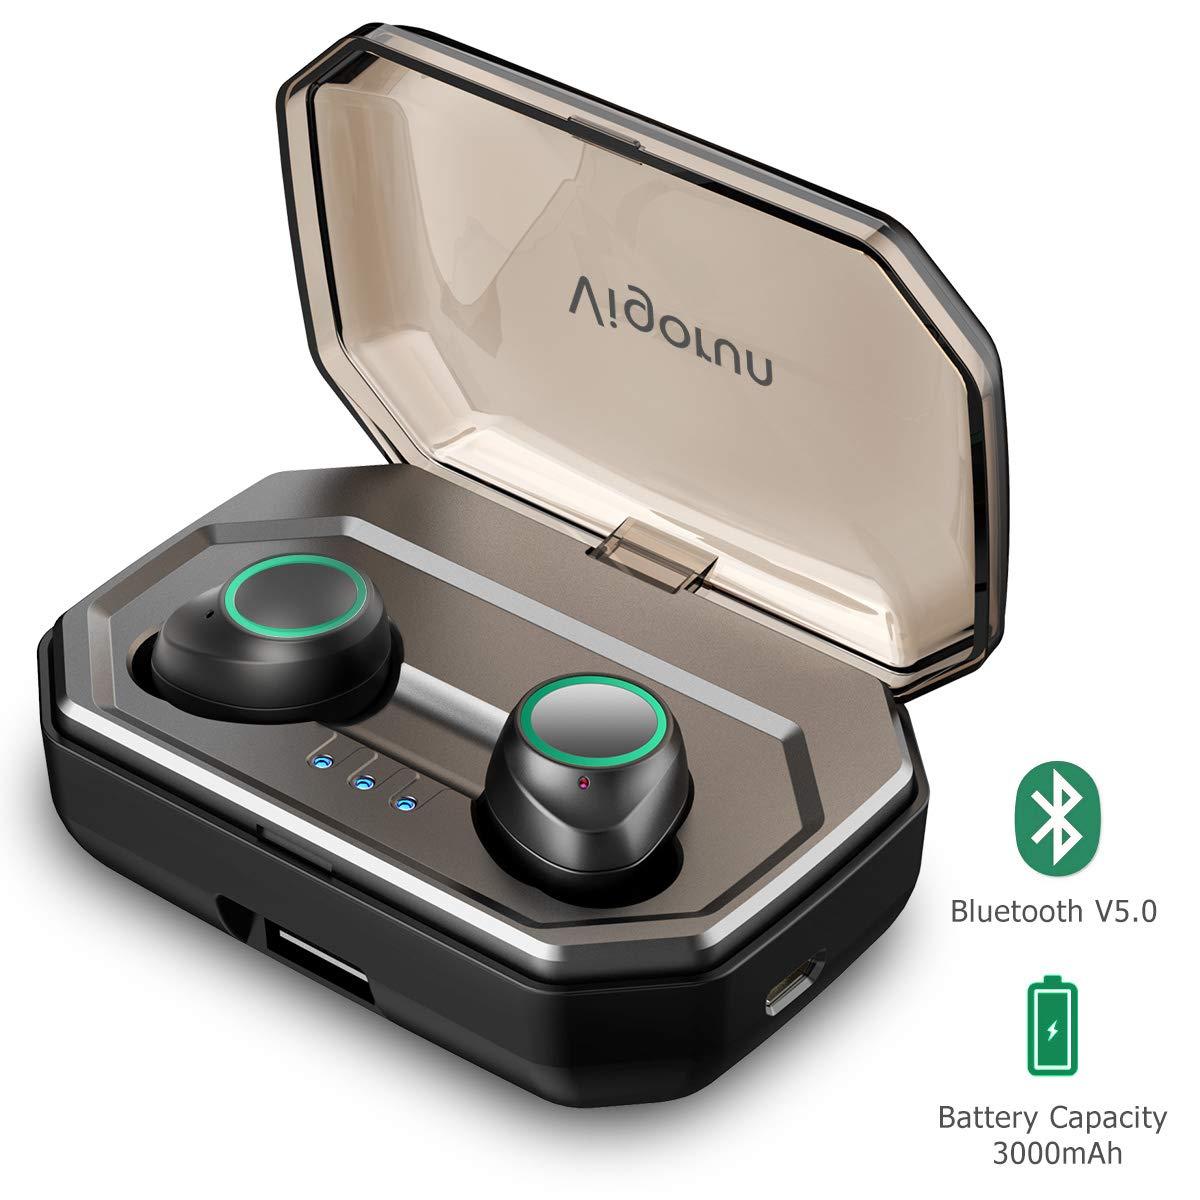 Écouteurs Bluetooth 5.0 Vigorun (vendeur tiers)